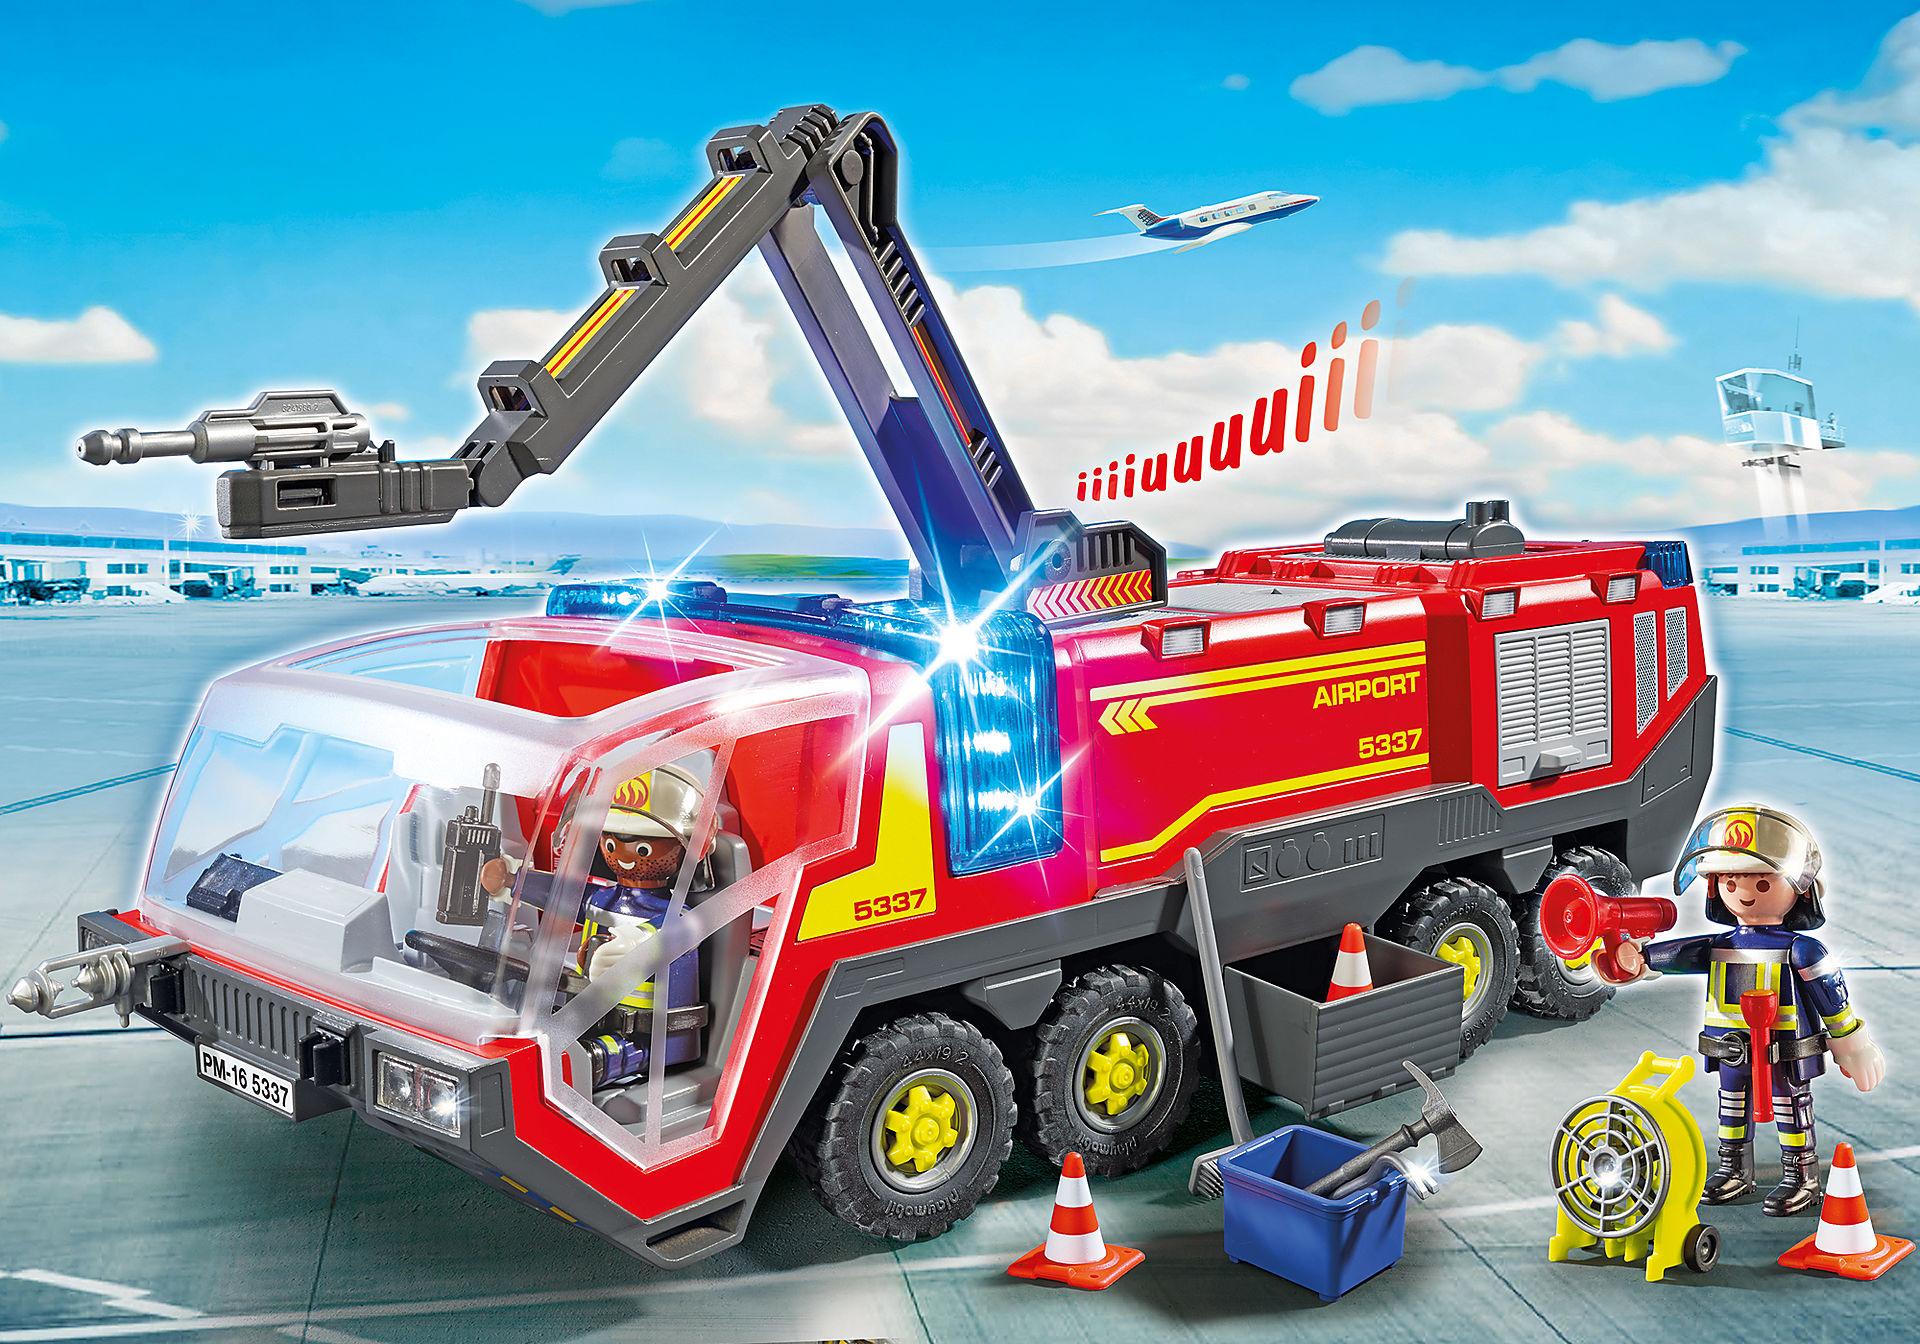 5337 Camión Bomberos Aeropuerto zoom image1